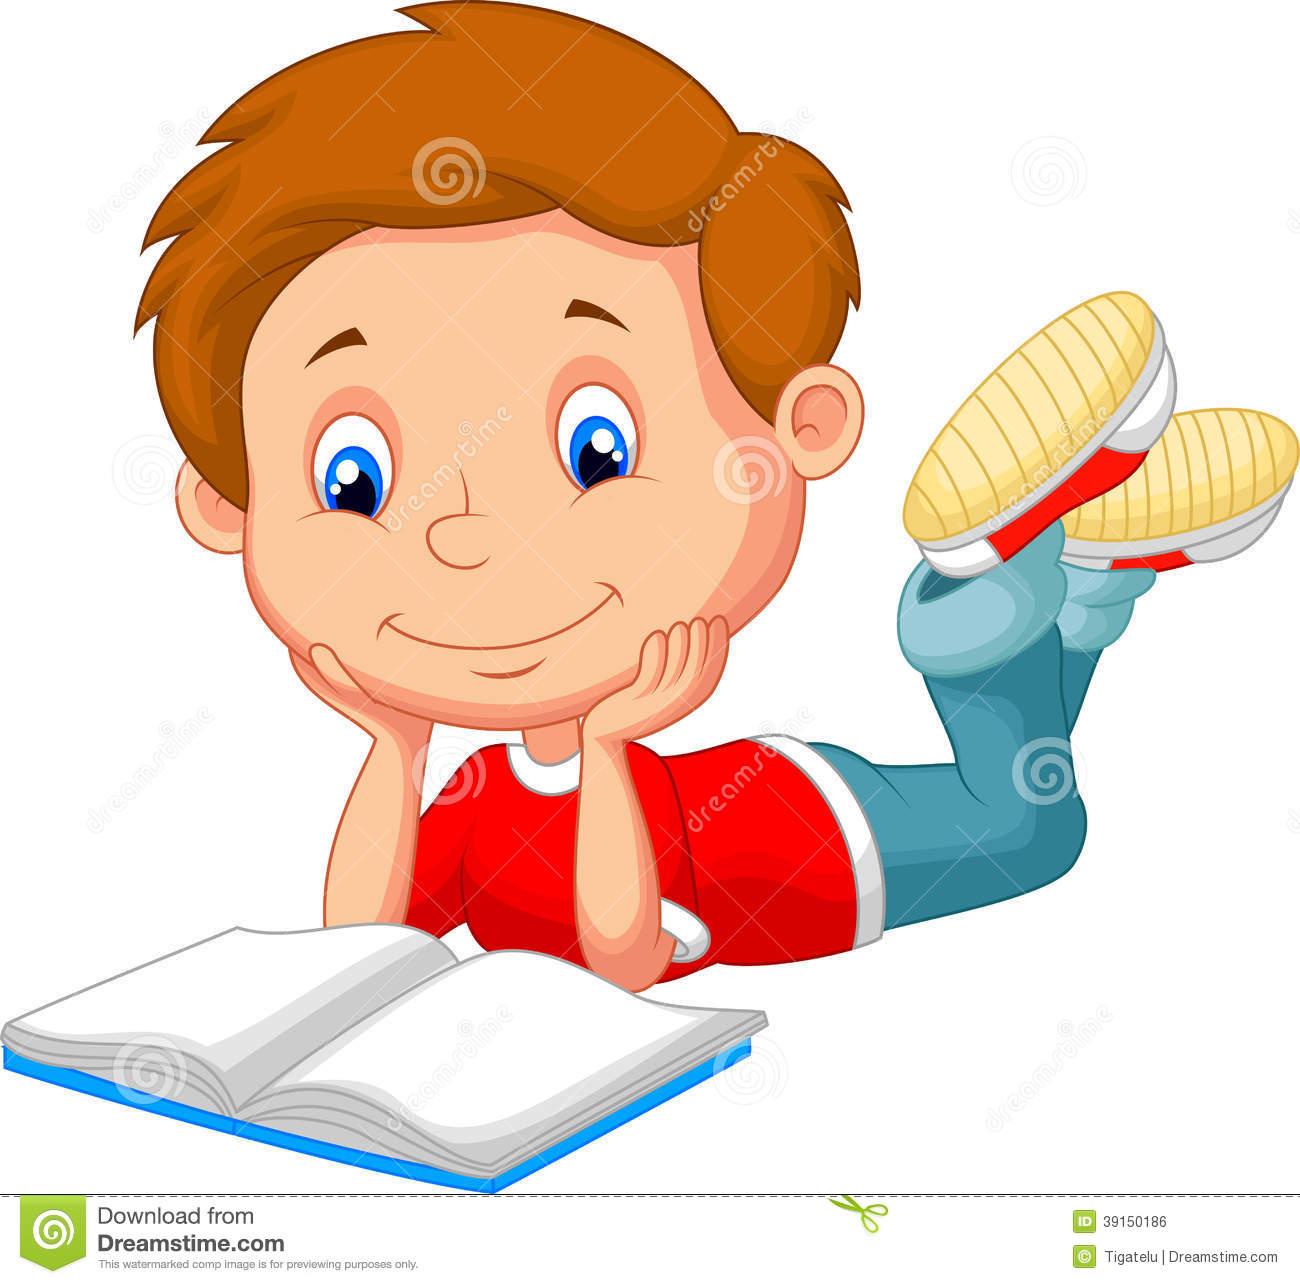 Comics clipart boy reading a book #4